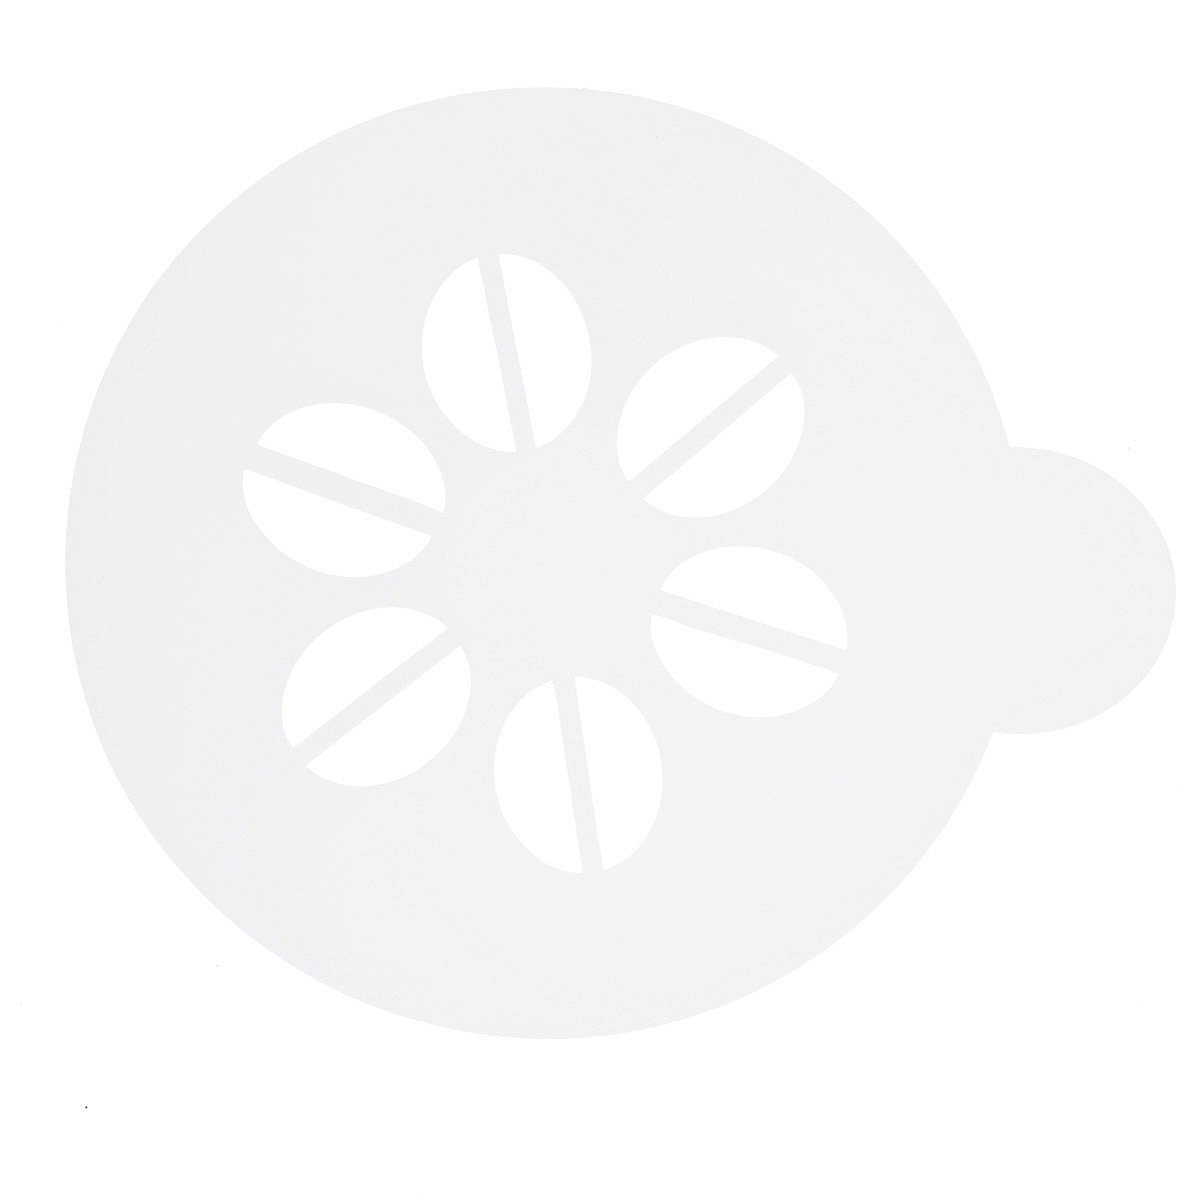 Трафарет на кофе и десерты Леденцовая фабрика Зерна кофе, диаметр 10 см633020Трафарет представляет собой пластину с прорезями, через которые пищевая краска (сахарная пудра, какао, шоколад, сливки, корица, дробленый орех) наносится на поверхность кофе, молочных коктейлей, десертов. Трафарет изготовлен из матового пищевого пластика 250 мкм и пригоден для контакта с пищевыми продуктами. Трафарет многоразовый. Побалуйте себя и ваших близких красиво оформленным кофе.